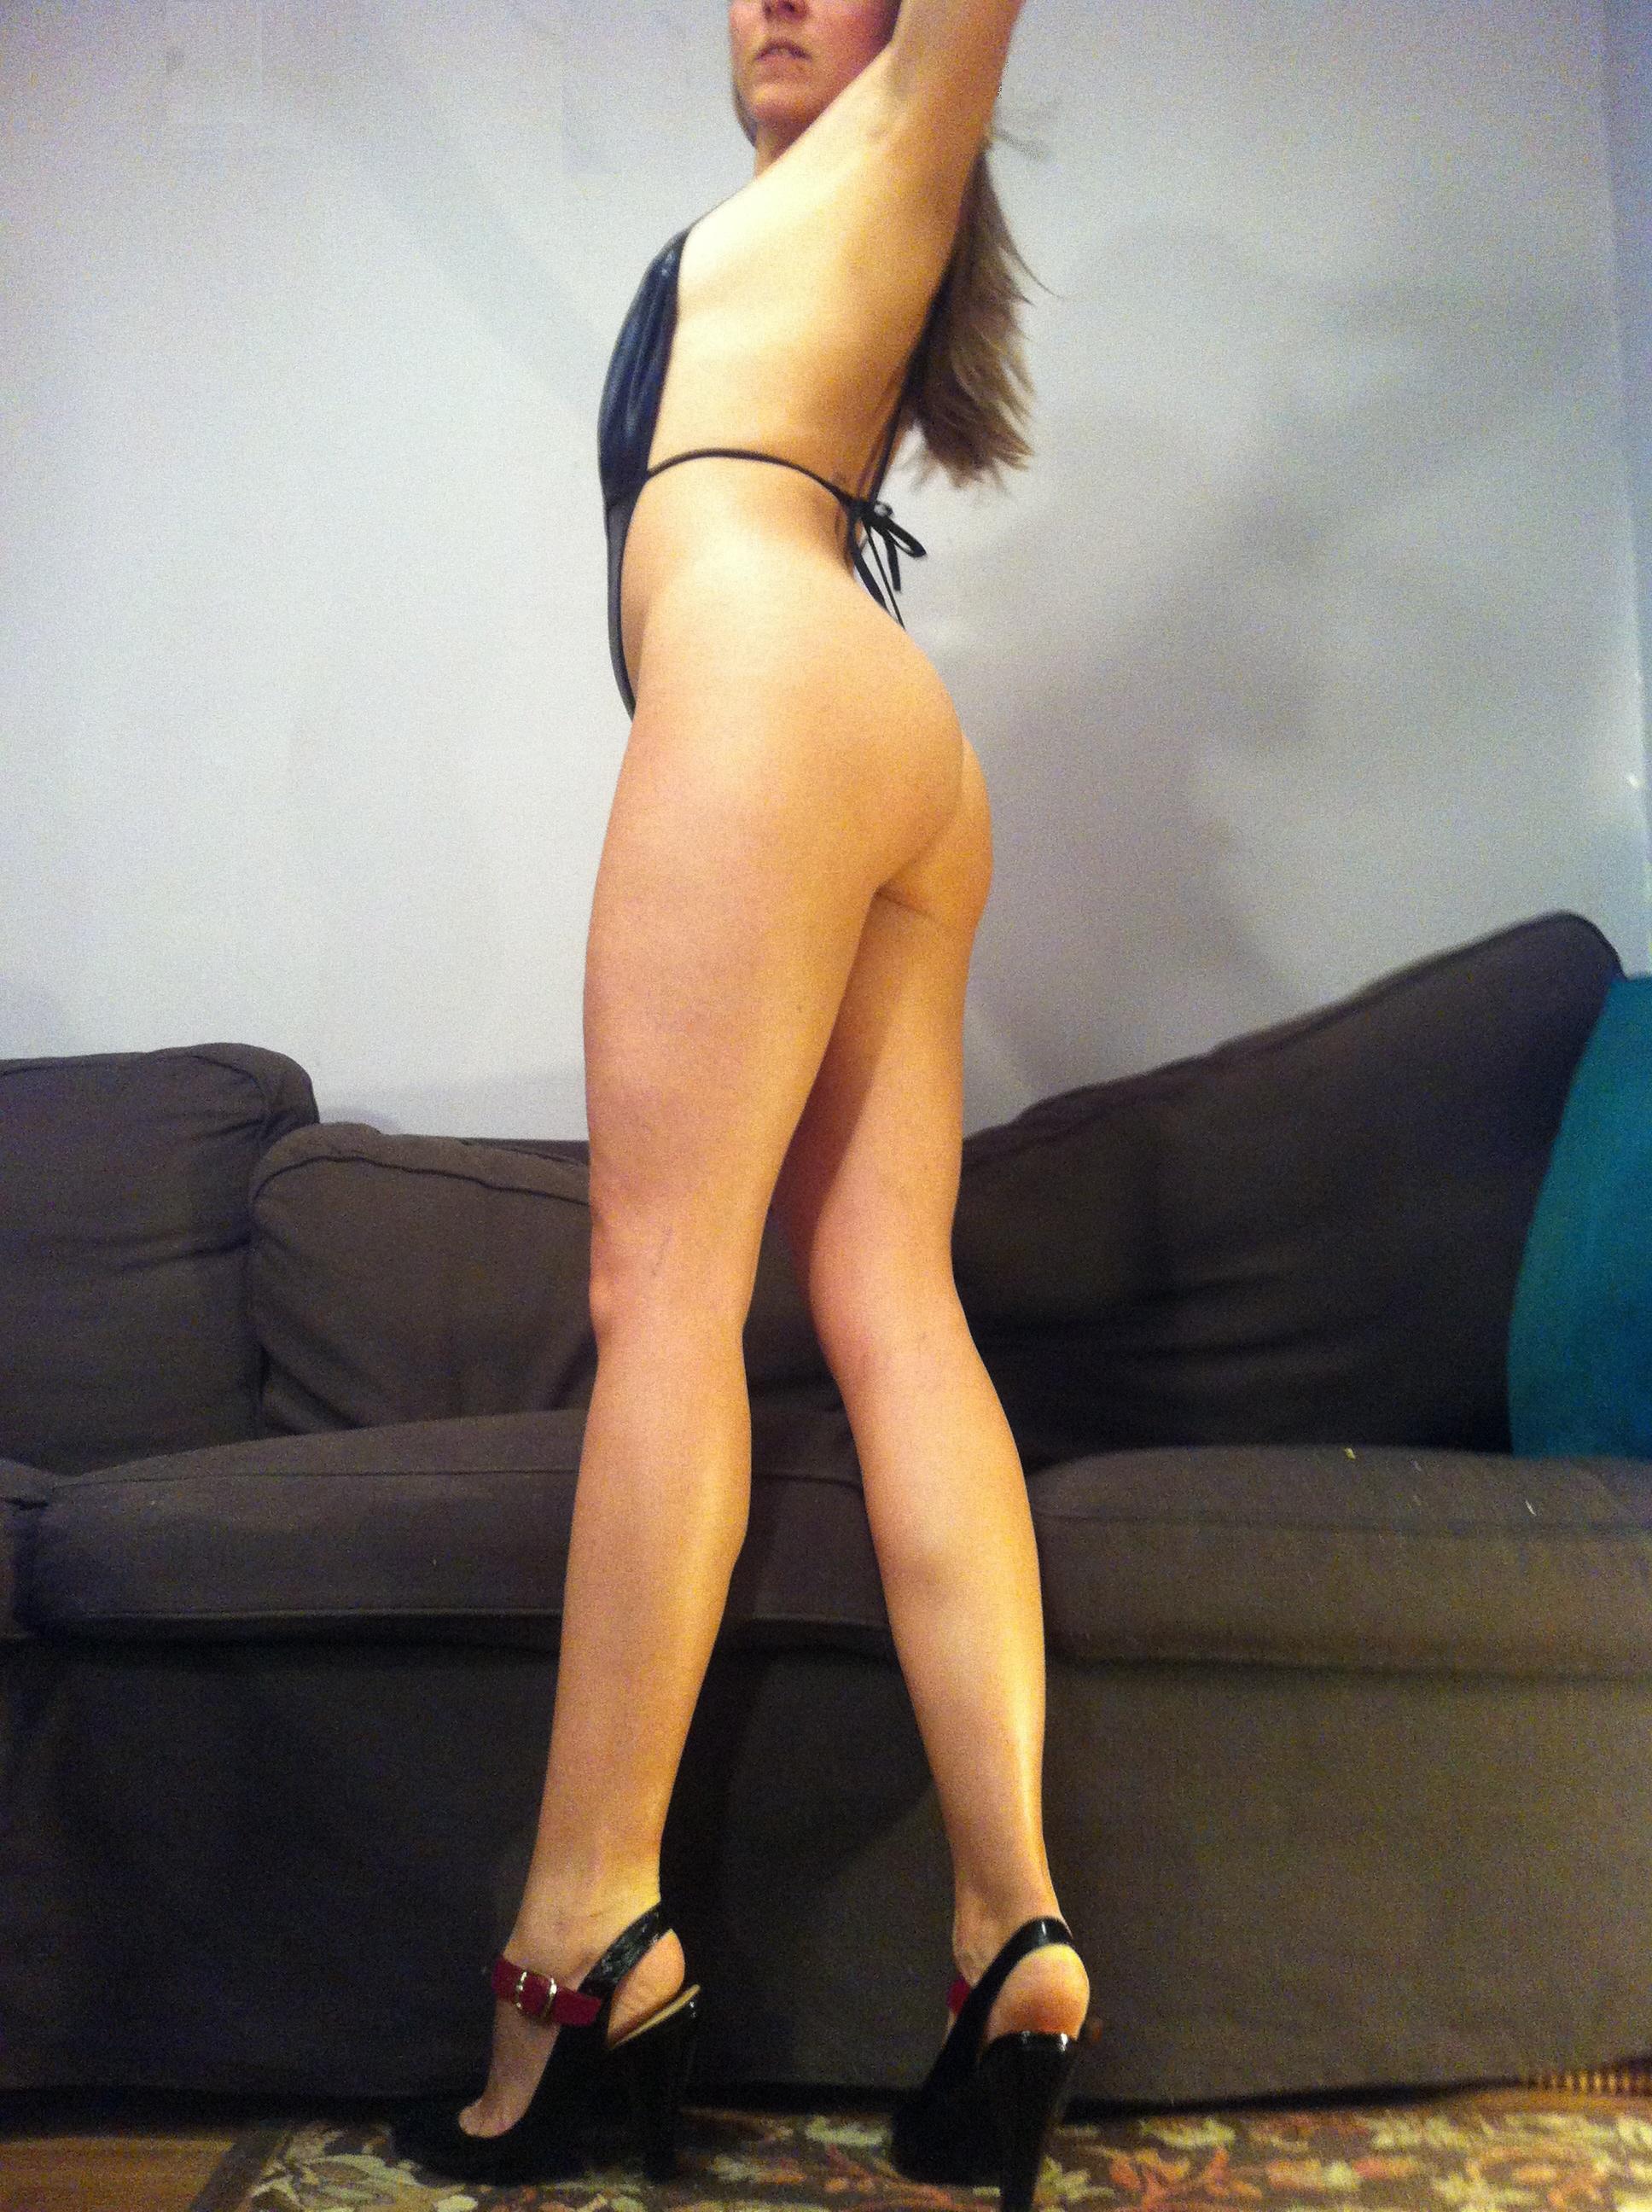 Russian Homemade Sexwife Porn Videos  Pornhubcom